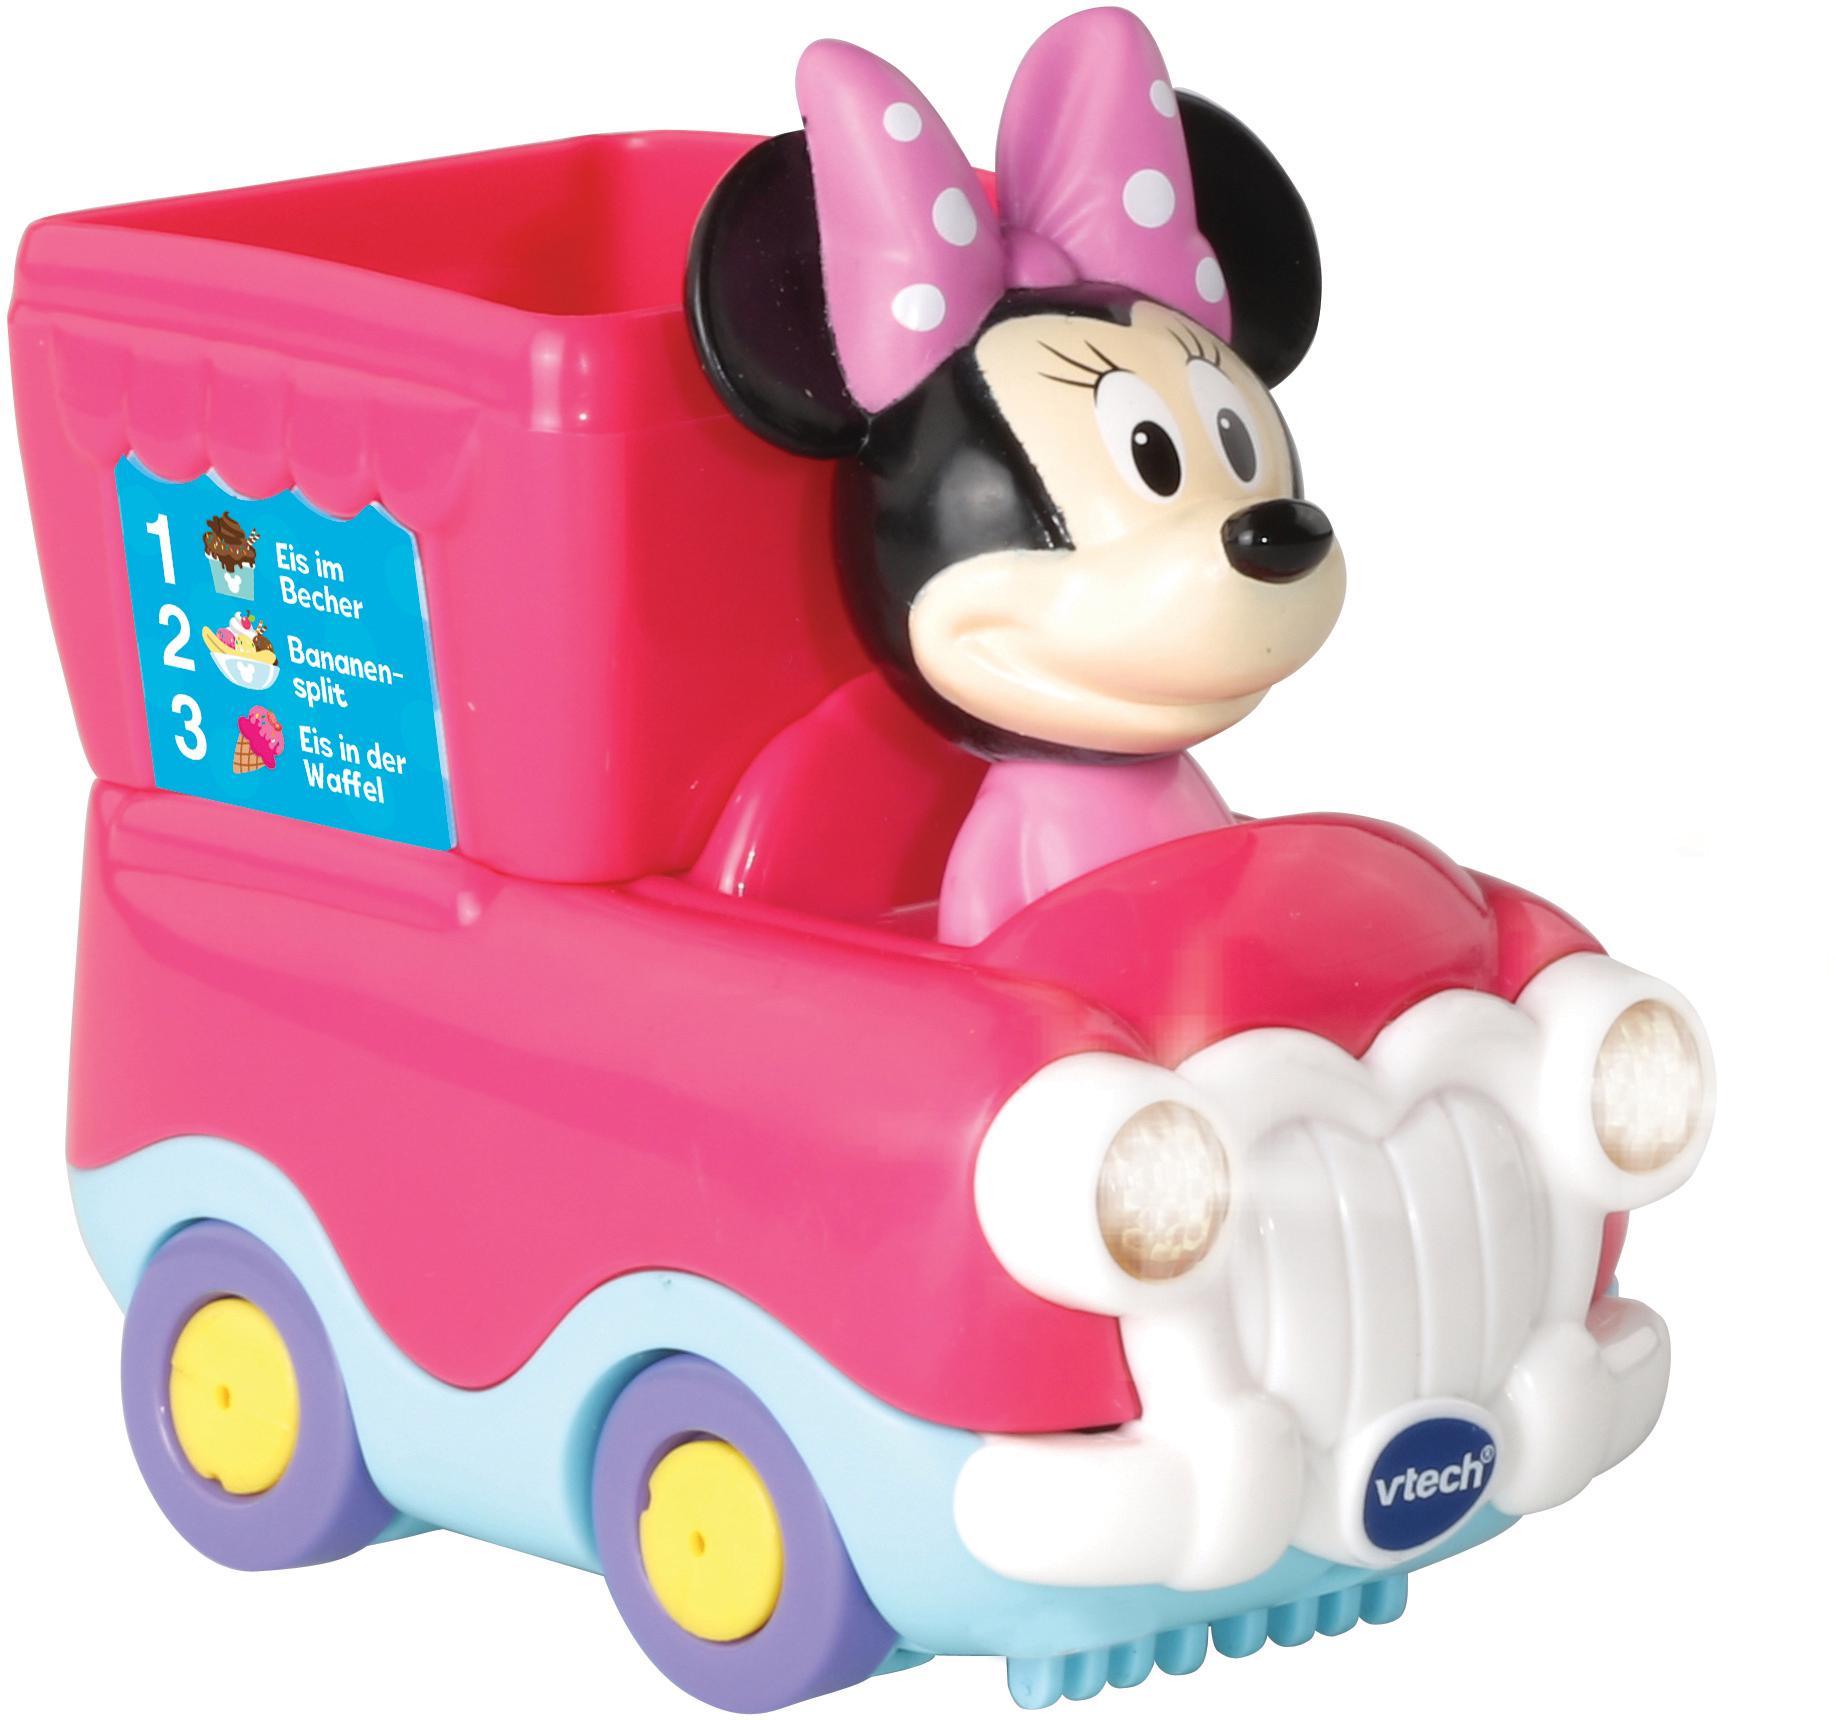 Vtech Spielzeug-Auto Tut Baby Flitzer Minnies Eisdiele (Set) rosa Kinder Ab 12 Monaten Altersempfehlung Spielzeugfahrzeuge